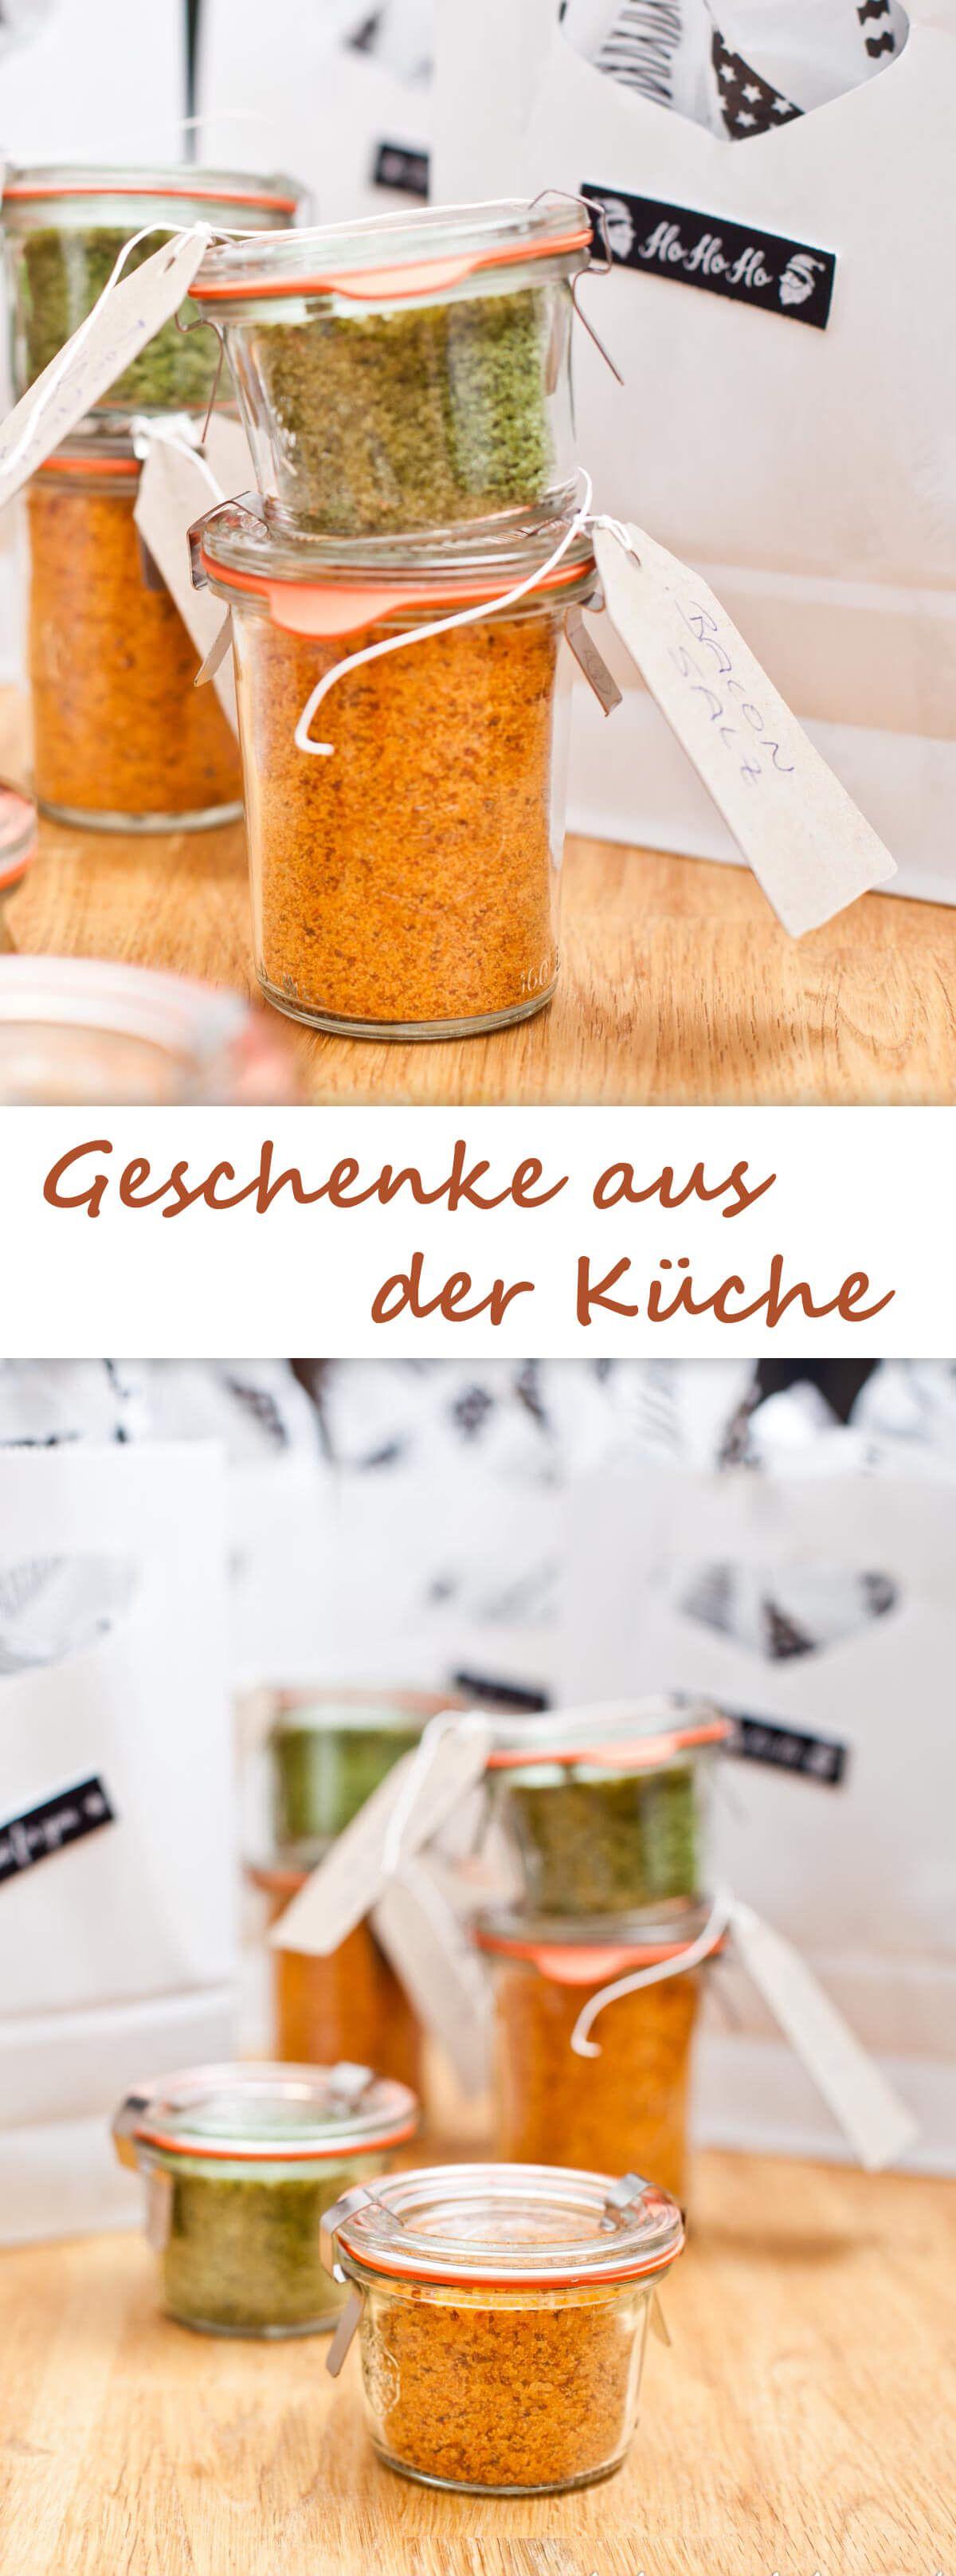 Geschenk Küche | Geschenke Für Die Küche Ausgefallene Wohnaccessoires